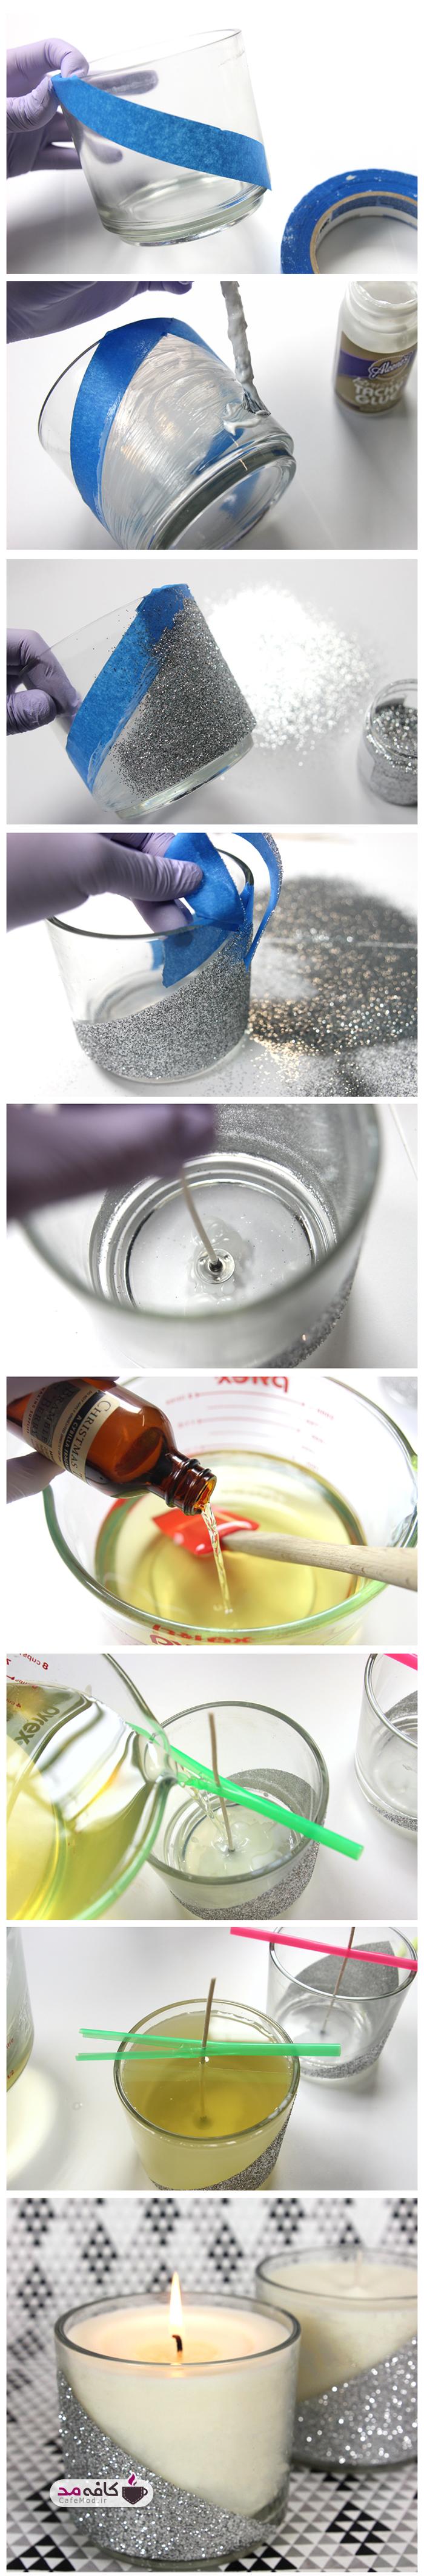 آموزش تصویری ساخت شمع اکیلی